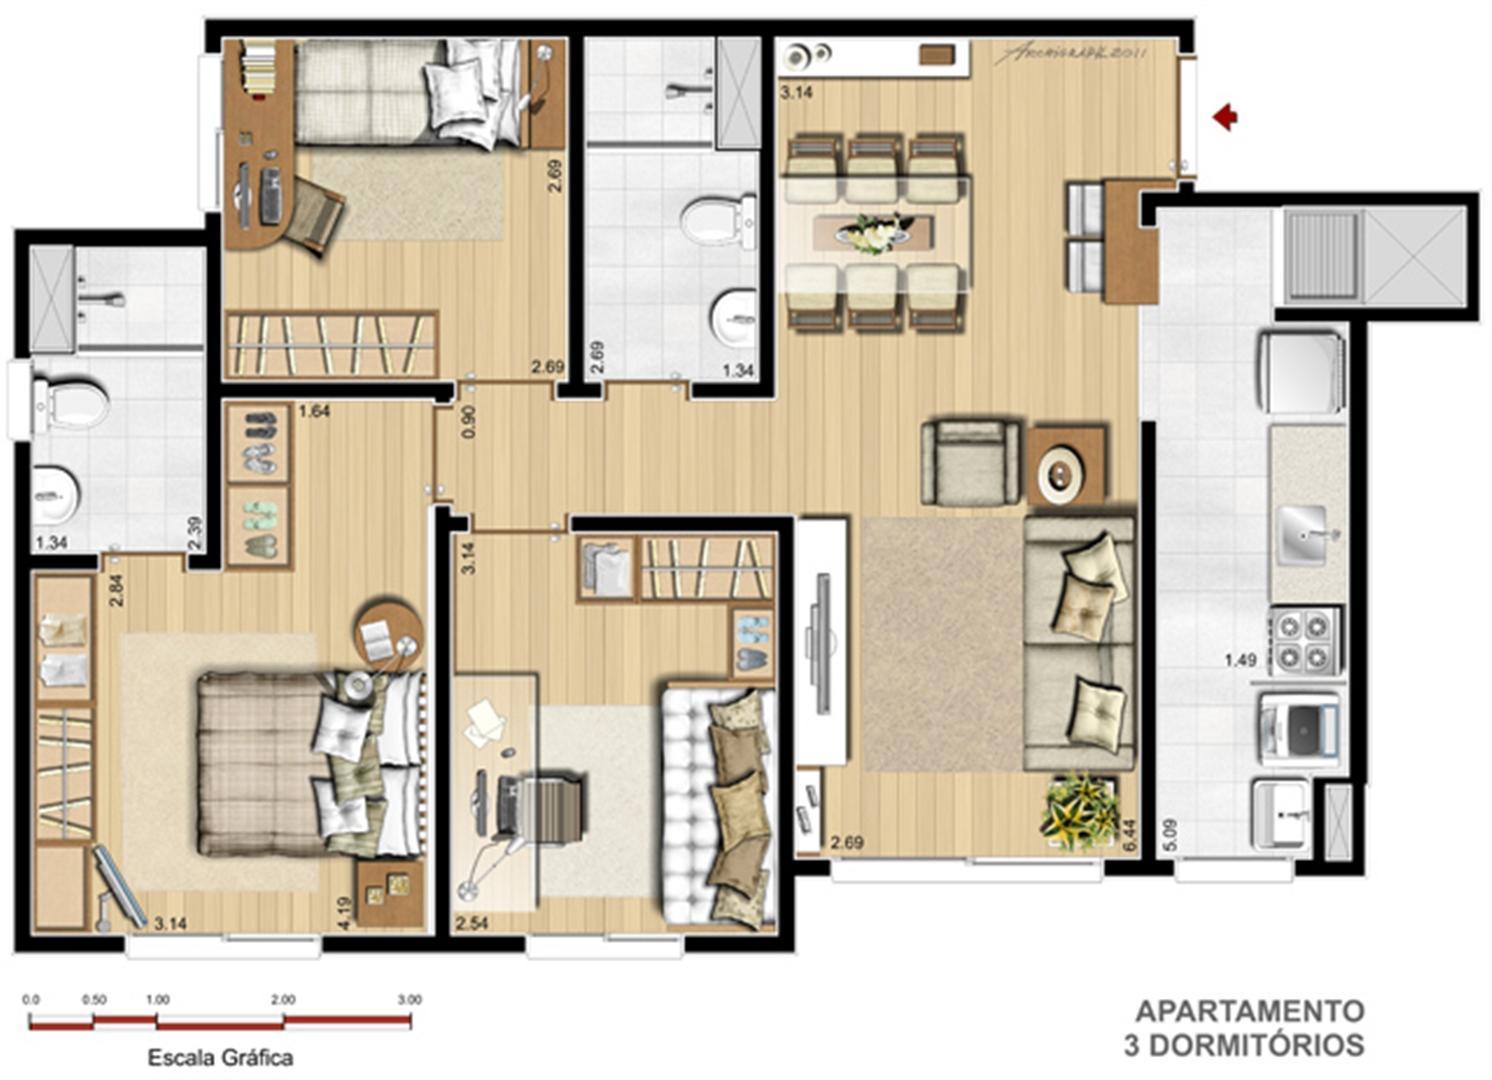 Apto. 3 dorms. com suíte - 70,58 m² | Way – Apartamento  Junto ao Menino Deus - Porto Alegre - Rio Grande do Sul